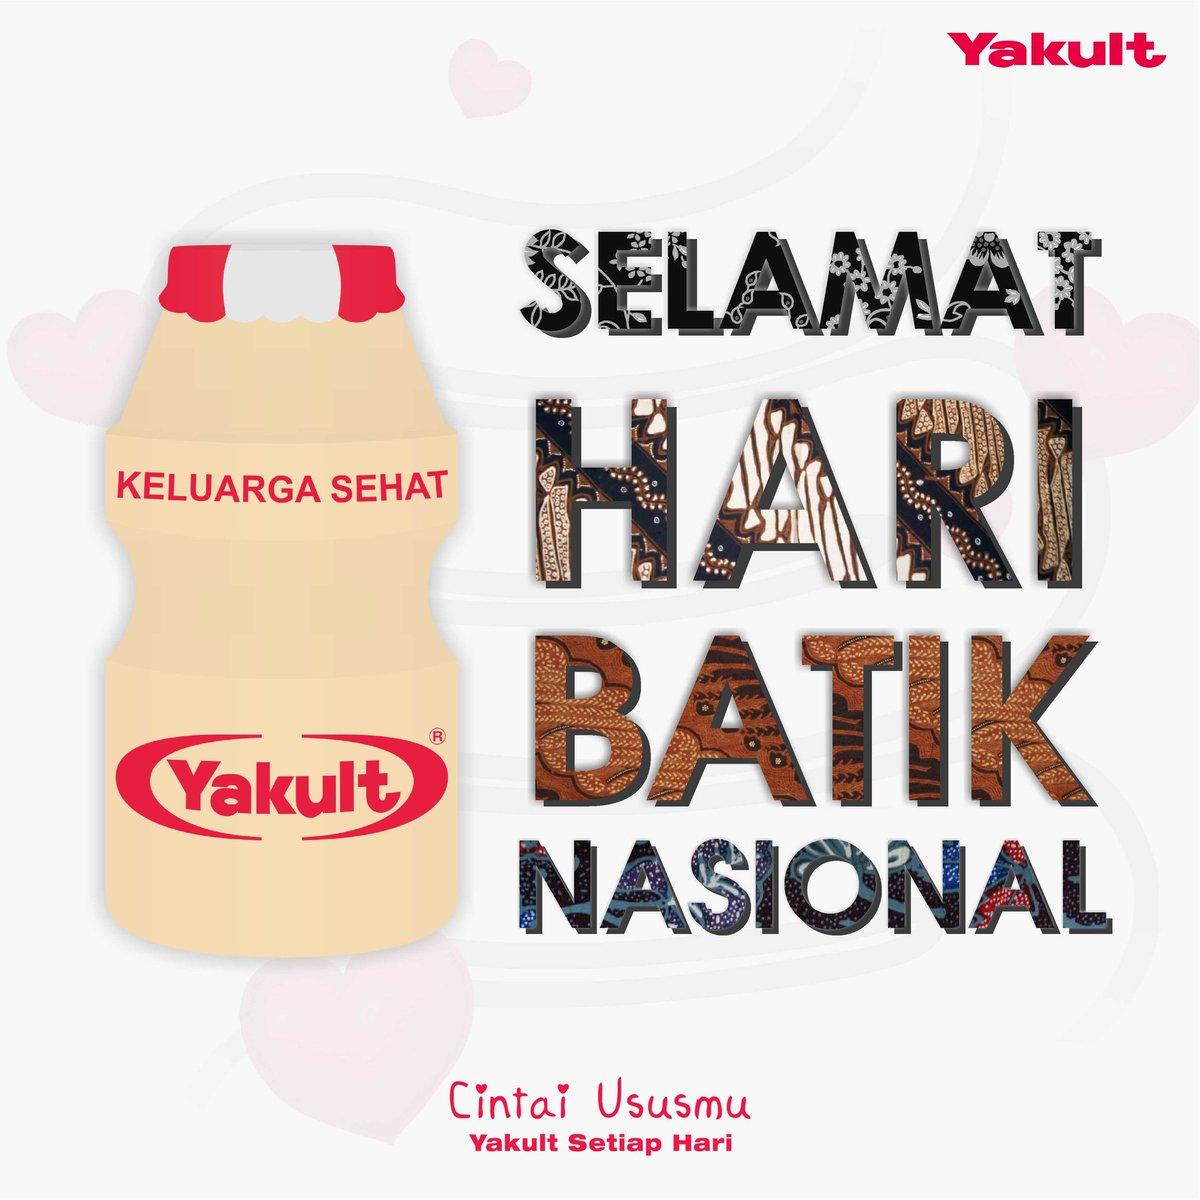 Pt Yakult Indonesia On Twitter Selamat Hari Batik Nasional